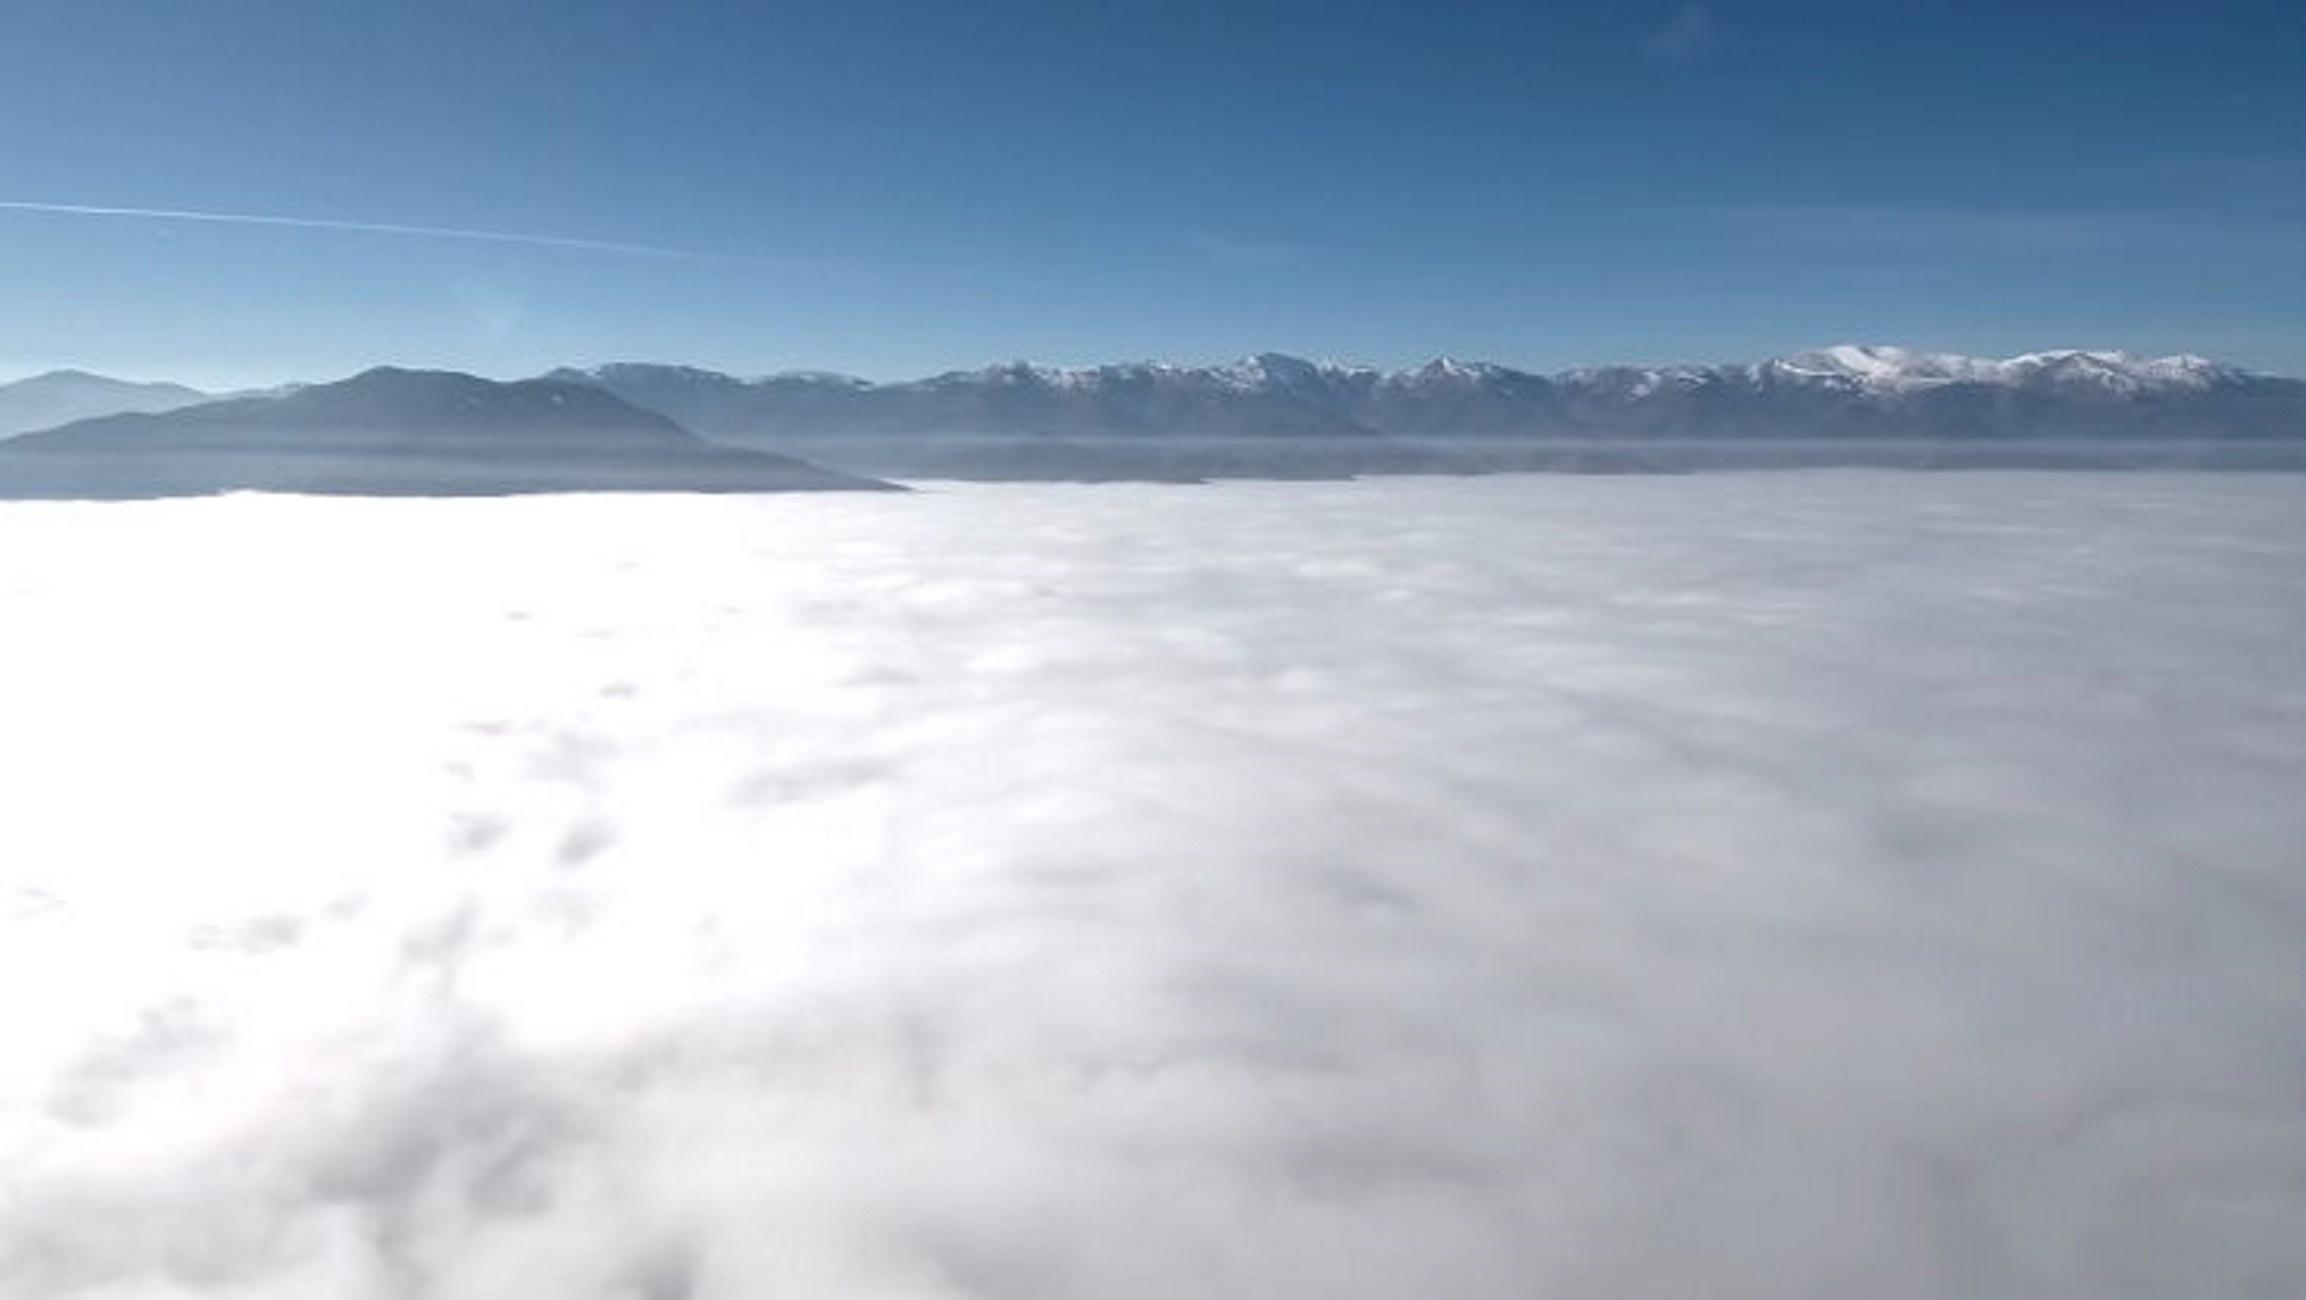 Φλώρινα – Καθηλώνουν οι εικόνες με την παγωμένη ομίχλη! Όταν η φύση ζωγραφίζει [video]